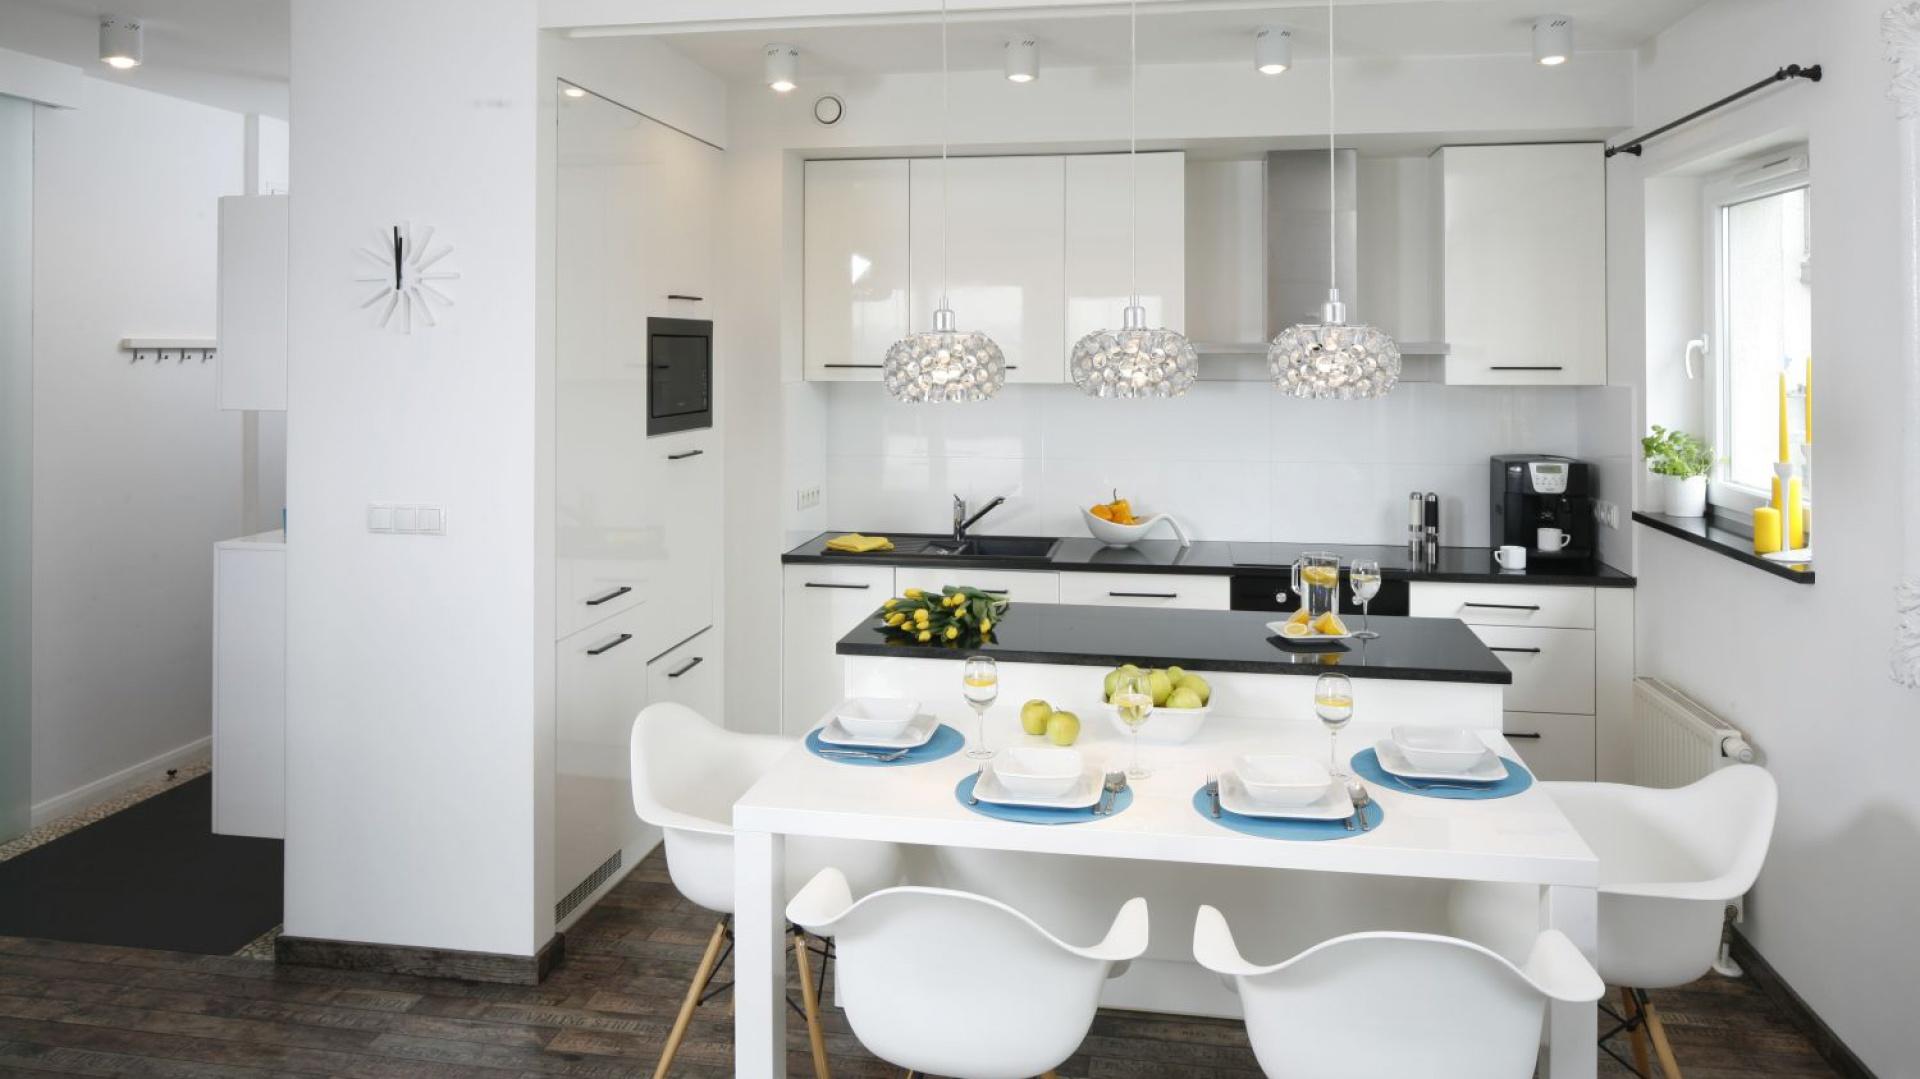 Kuchnie wpasowano w Mała kuchnia w bloku 12 pomysłów na udaną aranżację   -> Otwarta Kuchnia Male Mieszkanie